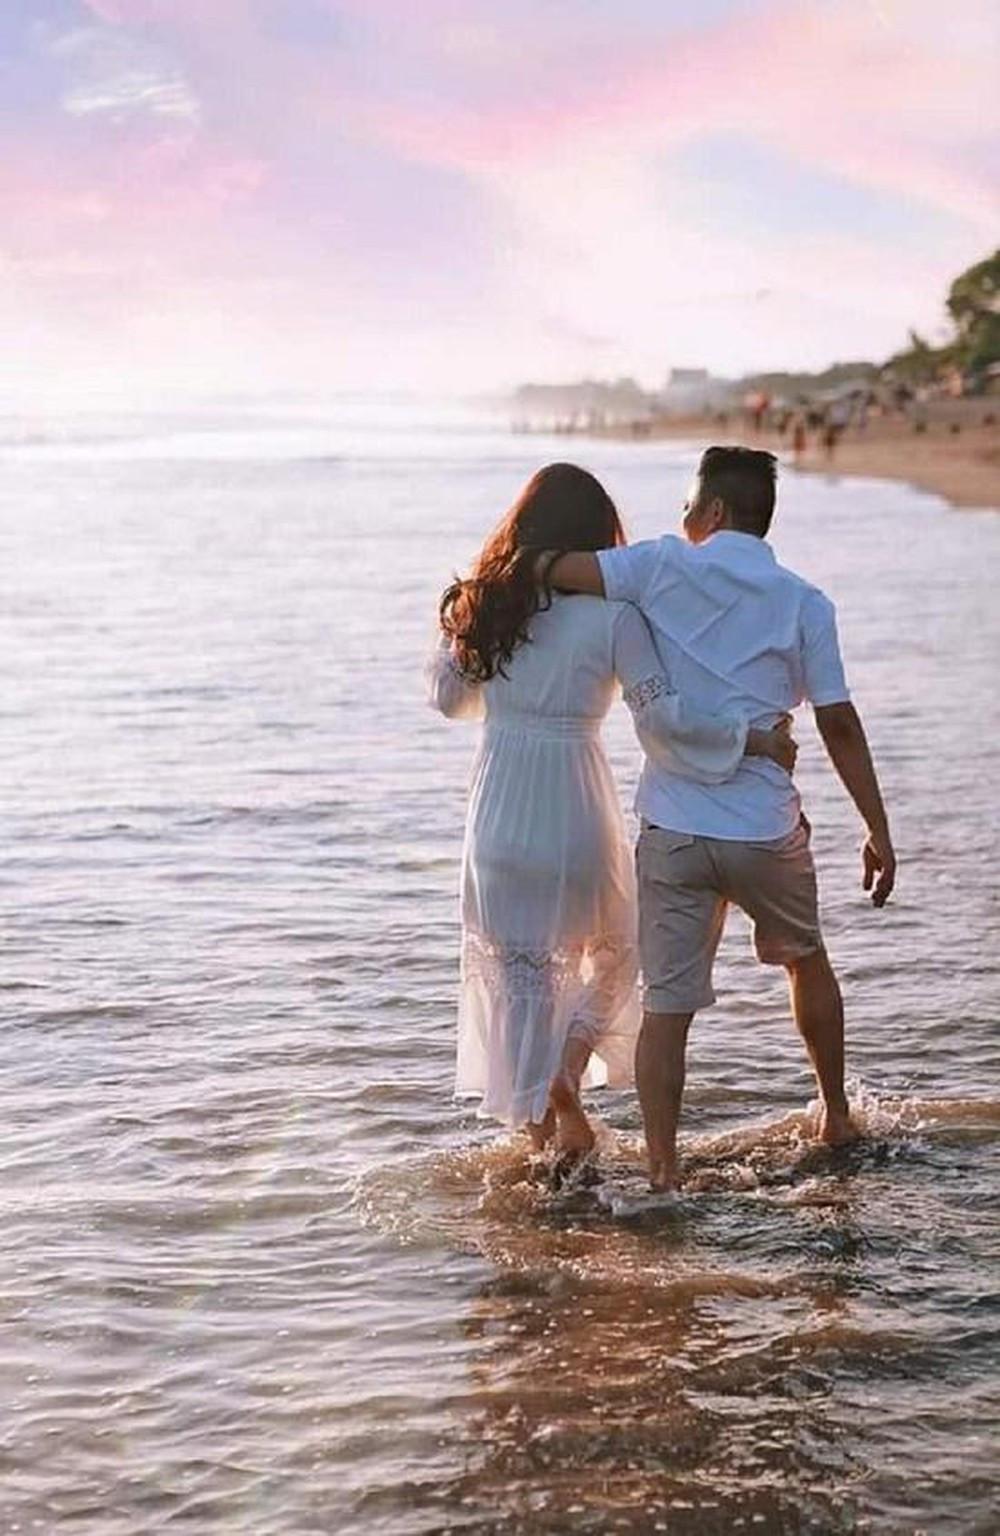 Bảo Thy tự tin mặc bikini thả dáng giữa biển, khoe body gợi cảm đáng mơ ước